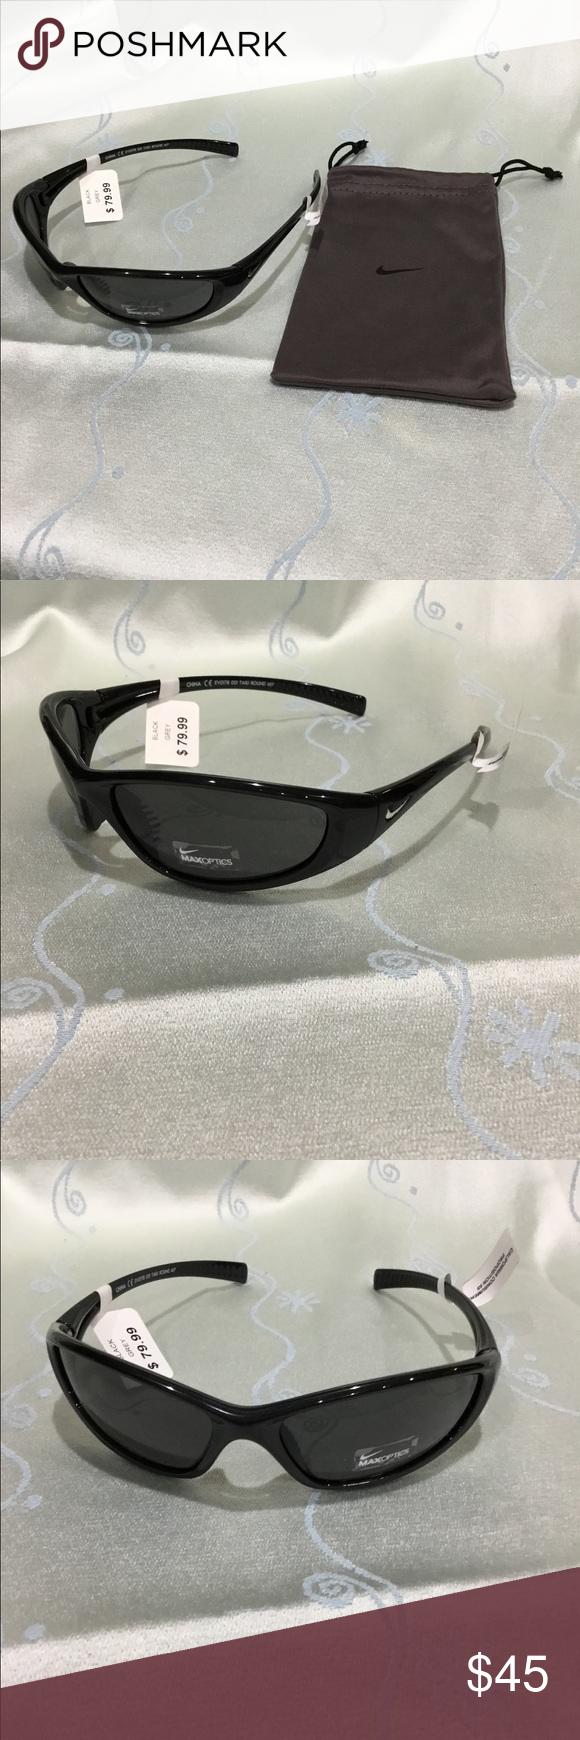 3216835bba Nike Men s sunglasses Tarj Sport black Brand new with cloth case Nike Men s  Tarj Sport black sunglasses. EV0178 Max optic lenses.